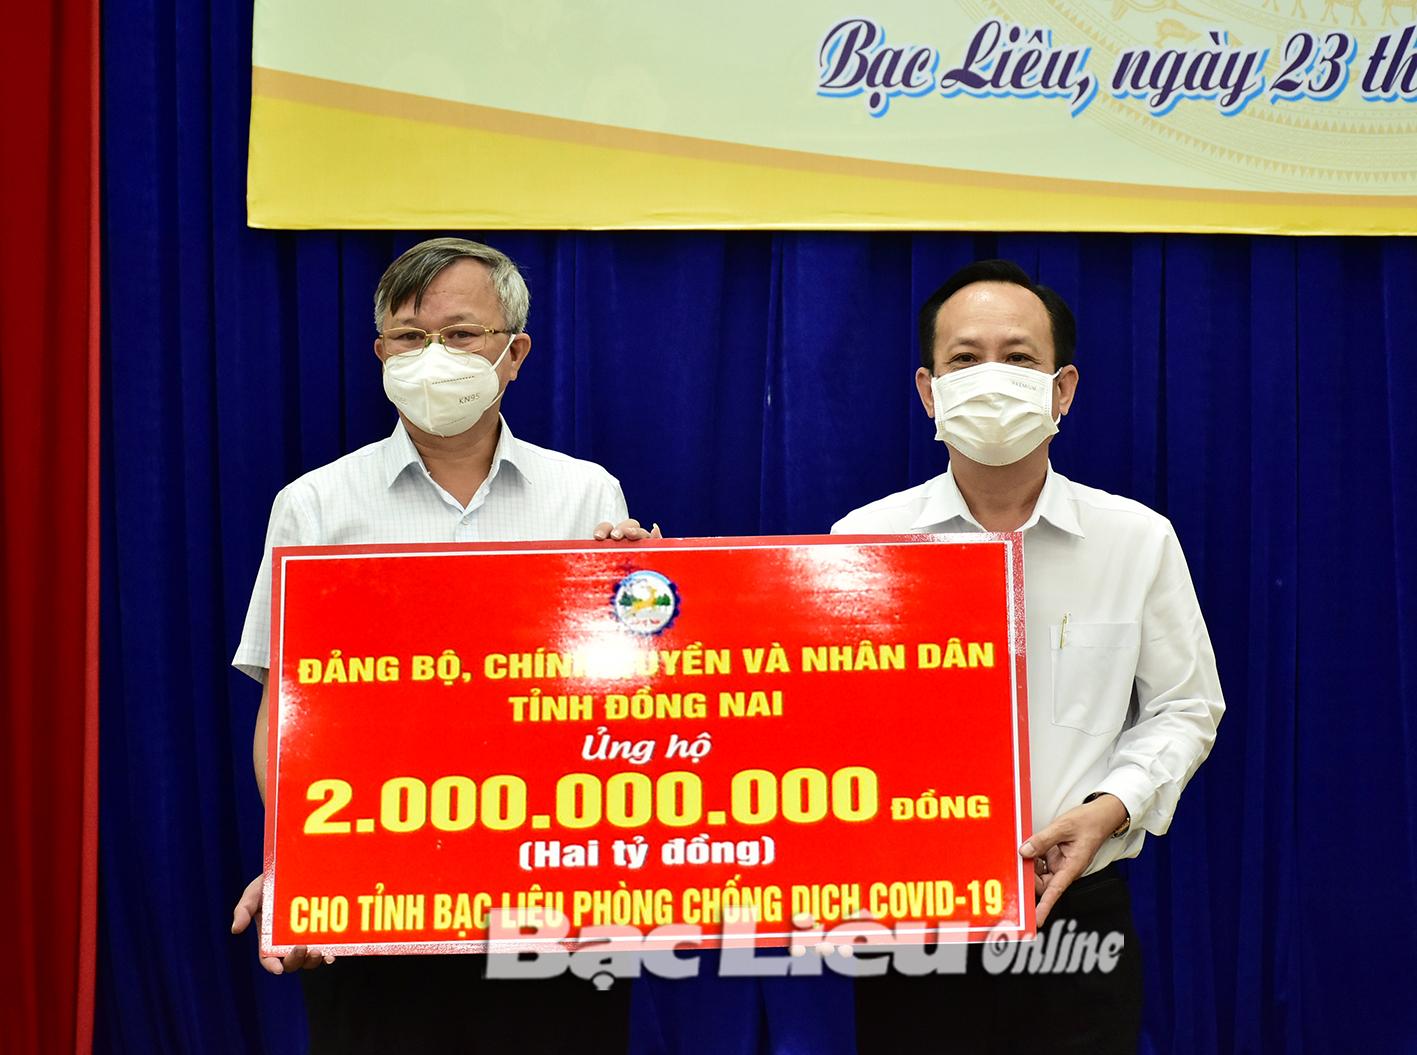 Đồng Nai hỗ trợ Bạc Liêu 2 tỷ đồng để phòng, chống dịch COVID-19